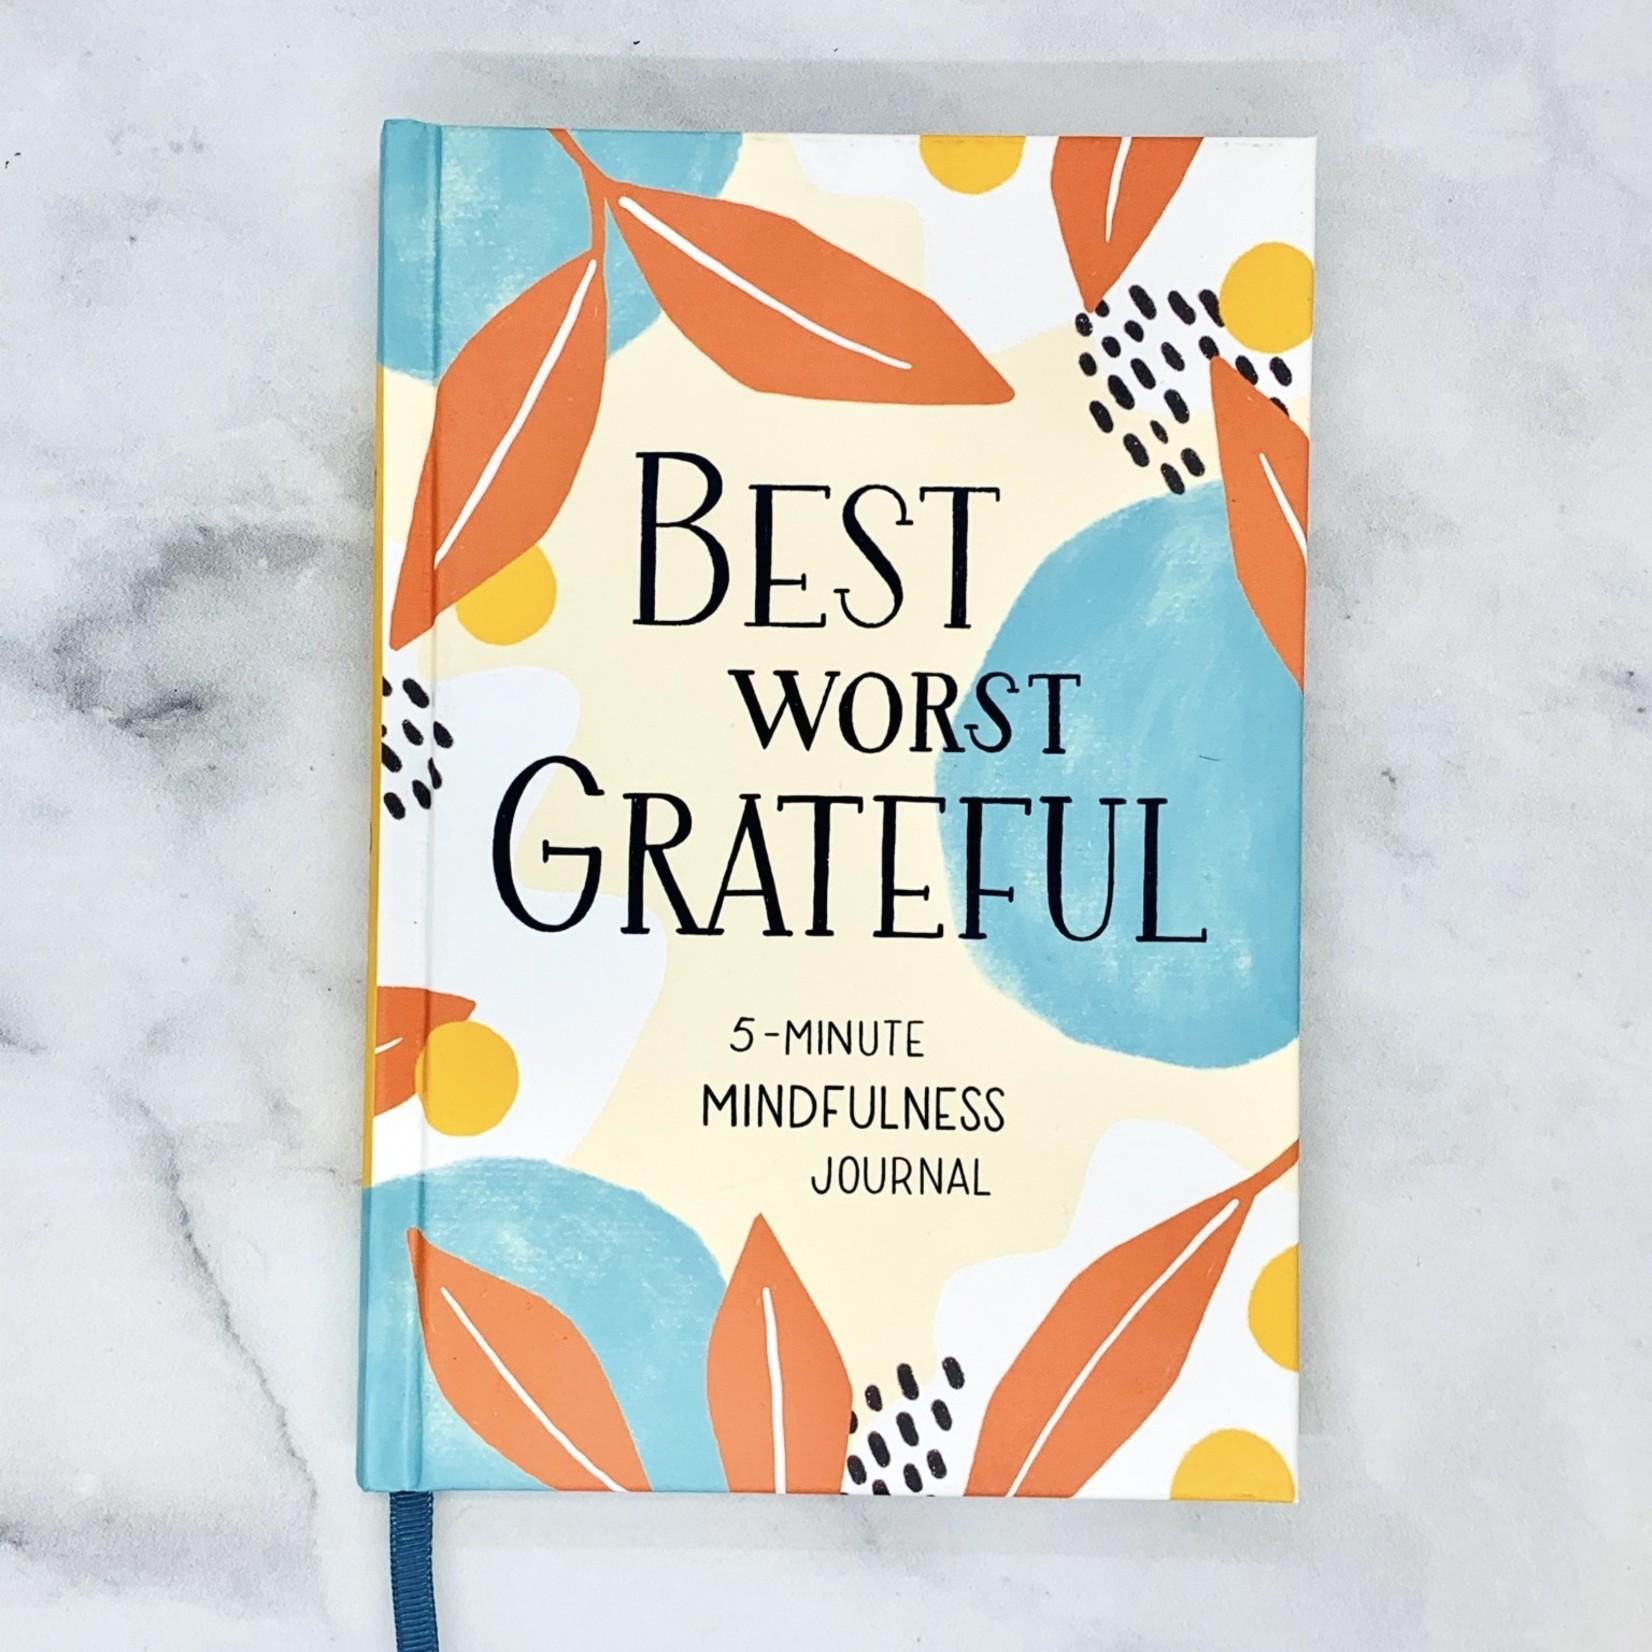 Best Worst Grateful